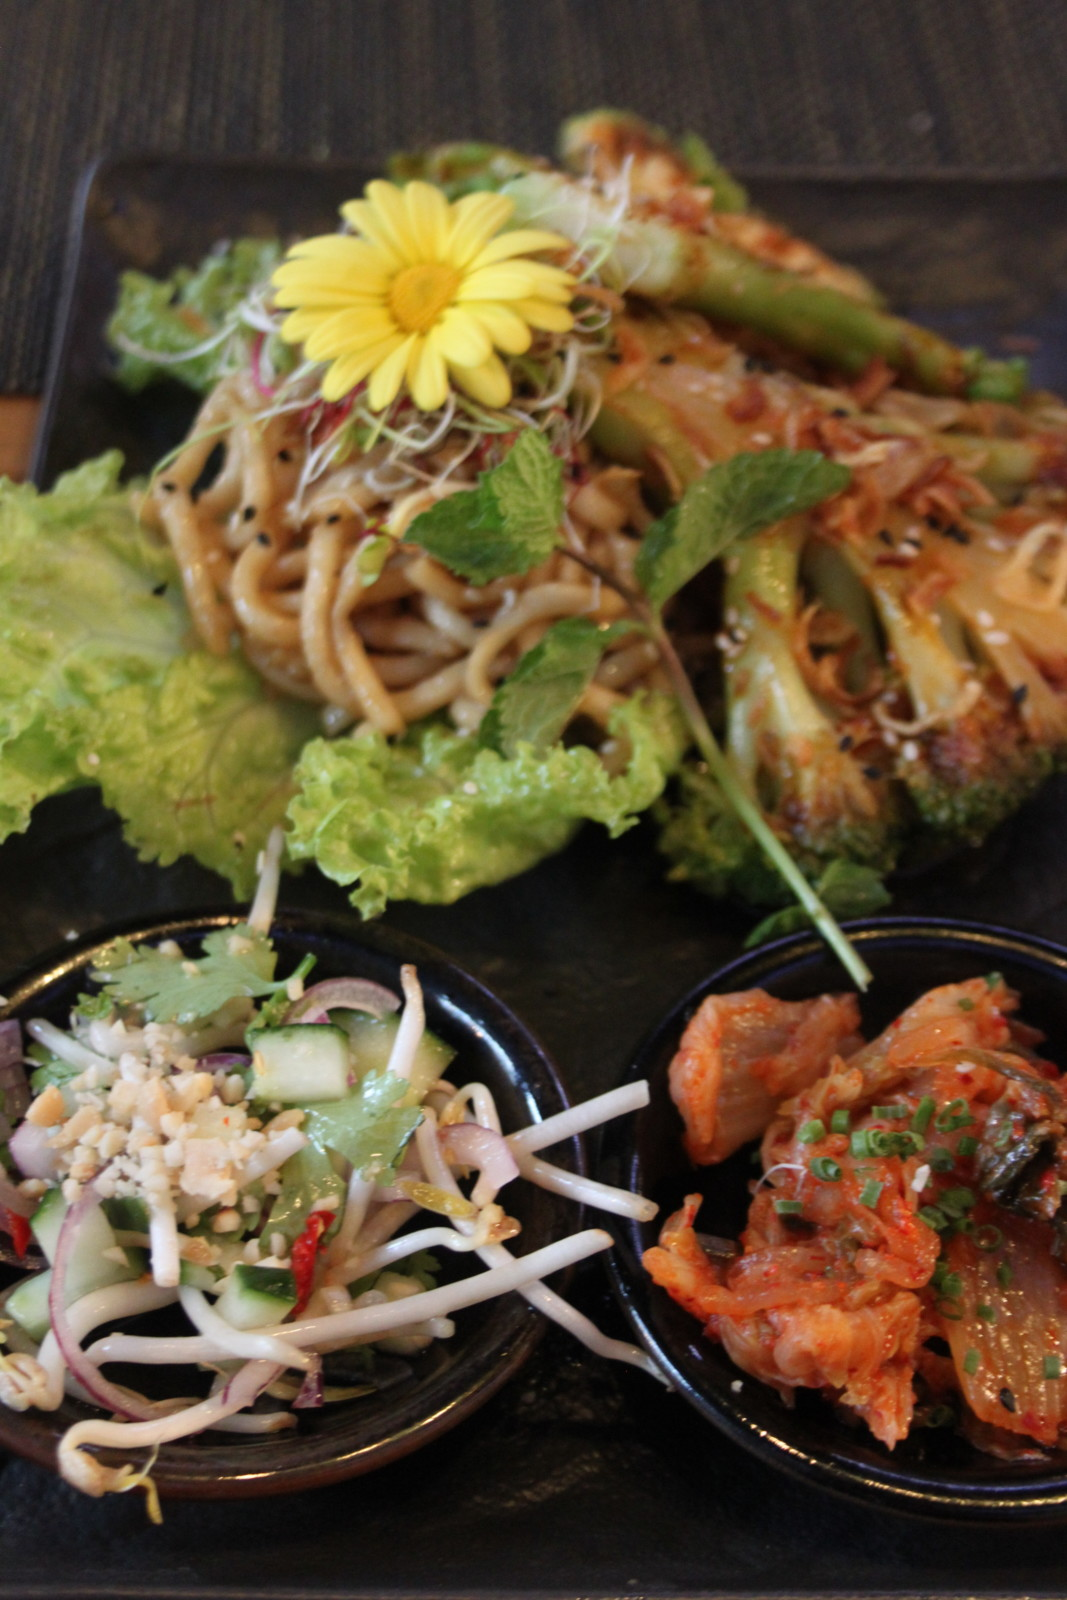 Das Broccolisteak serviert mit Röstzwiebeln, schwarzen und weissen Sesamsamen und frischer Kresse. Foto: Lunchgate/Selina